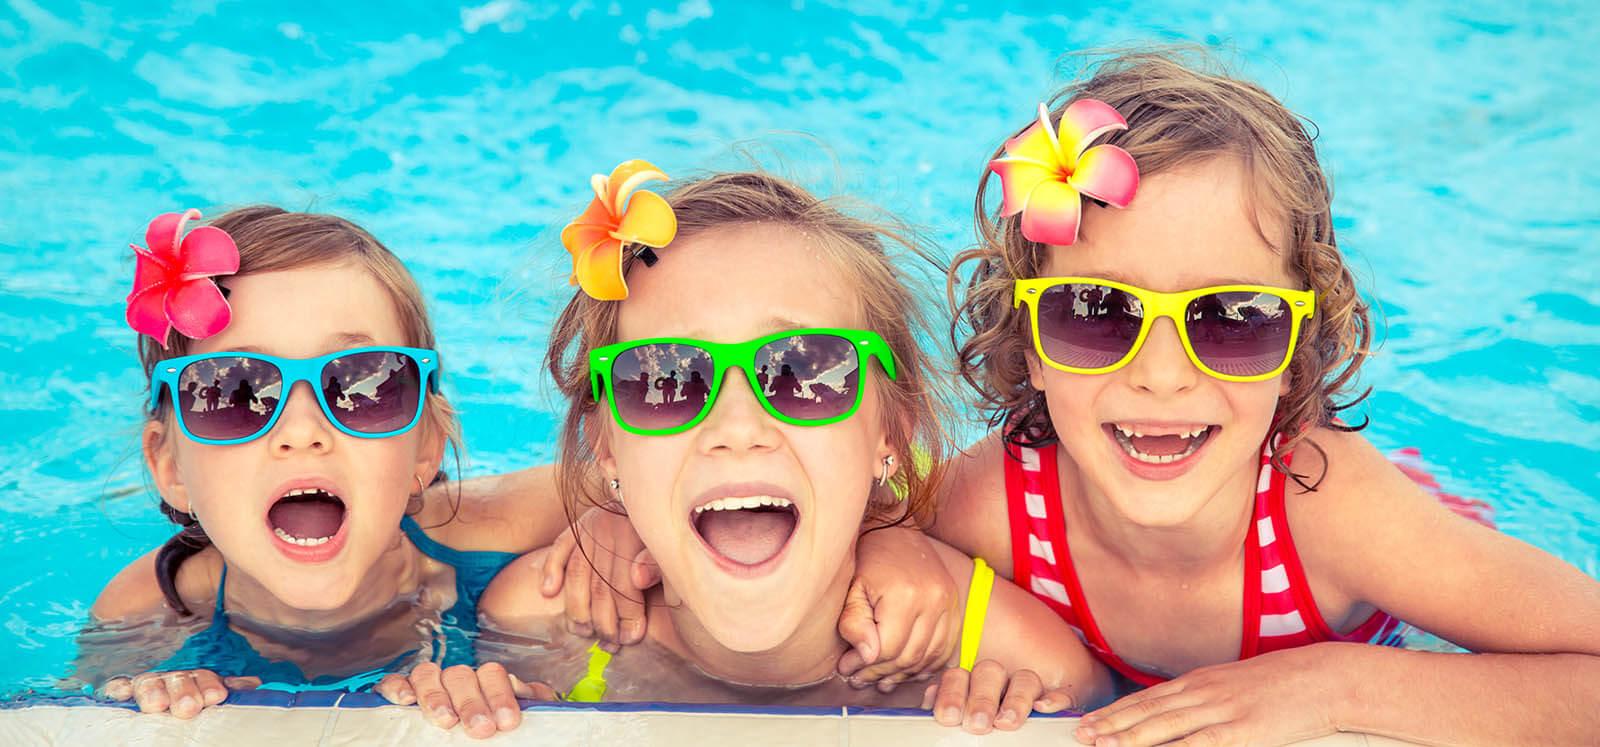 Hogyan melegítsük fel a medence vizét szolár medencefűtés segítségével?